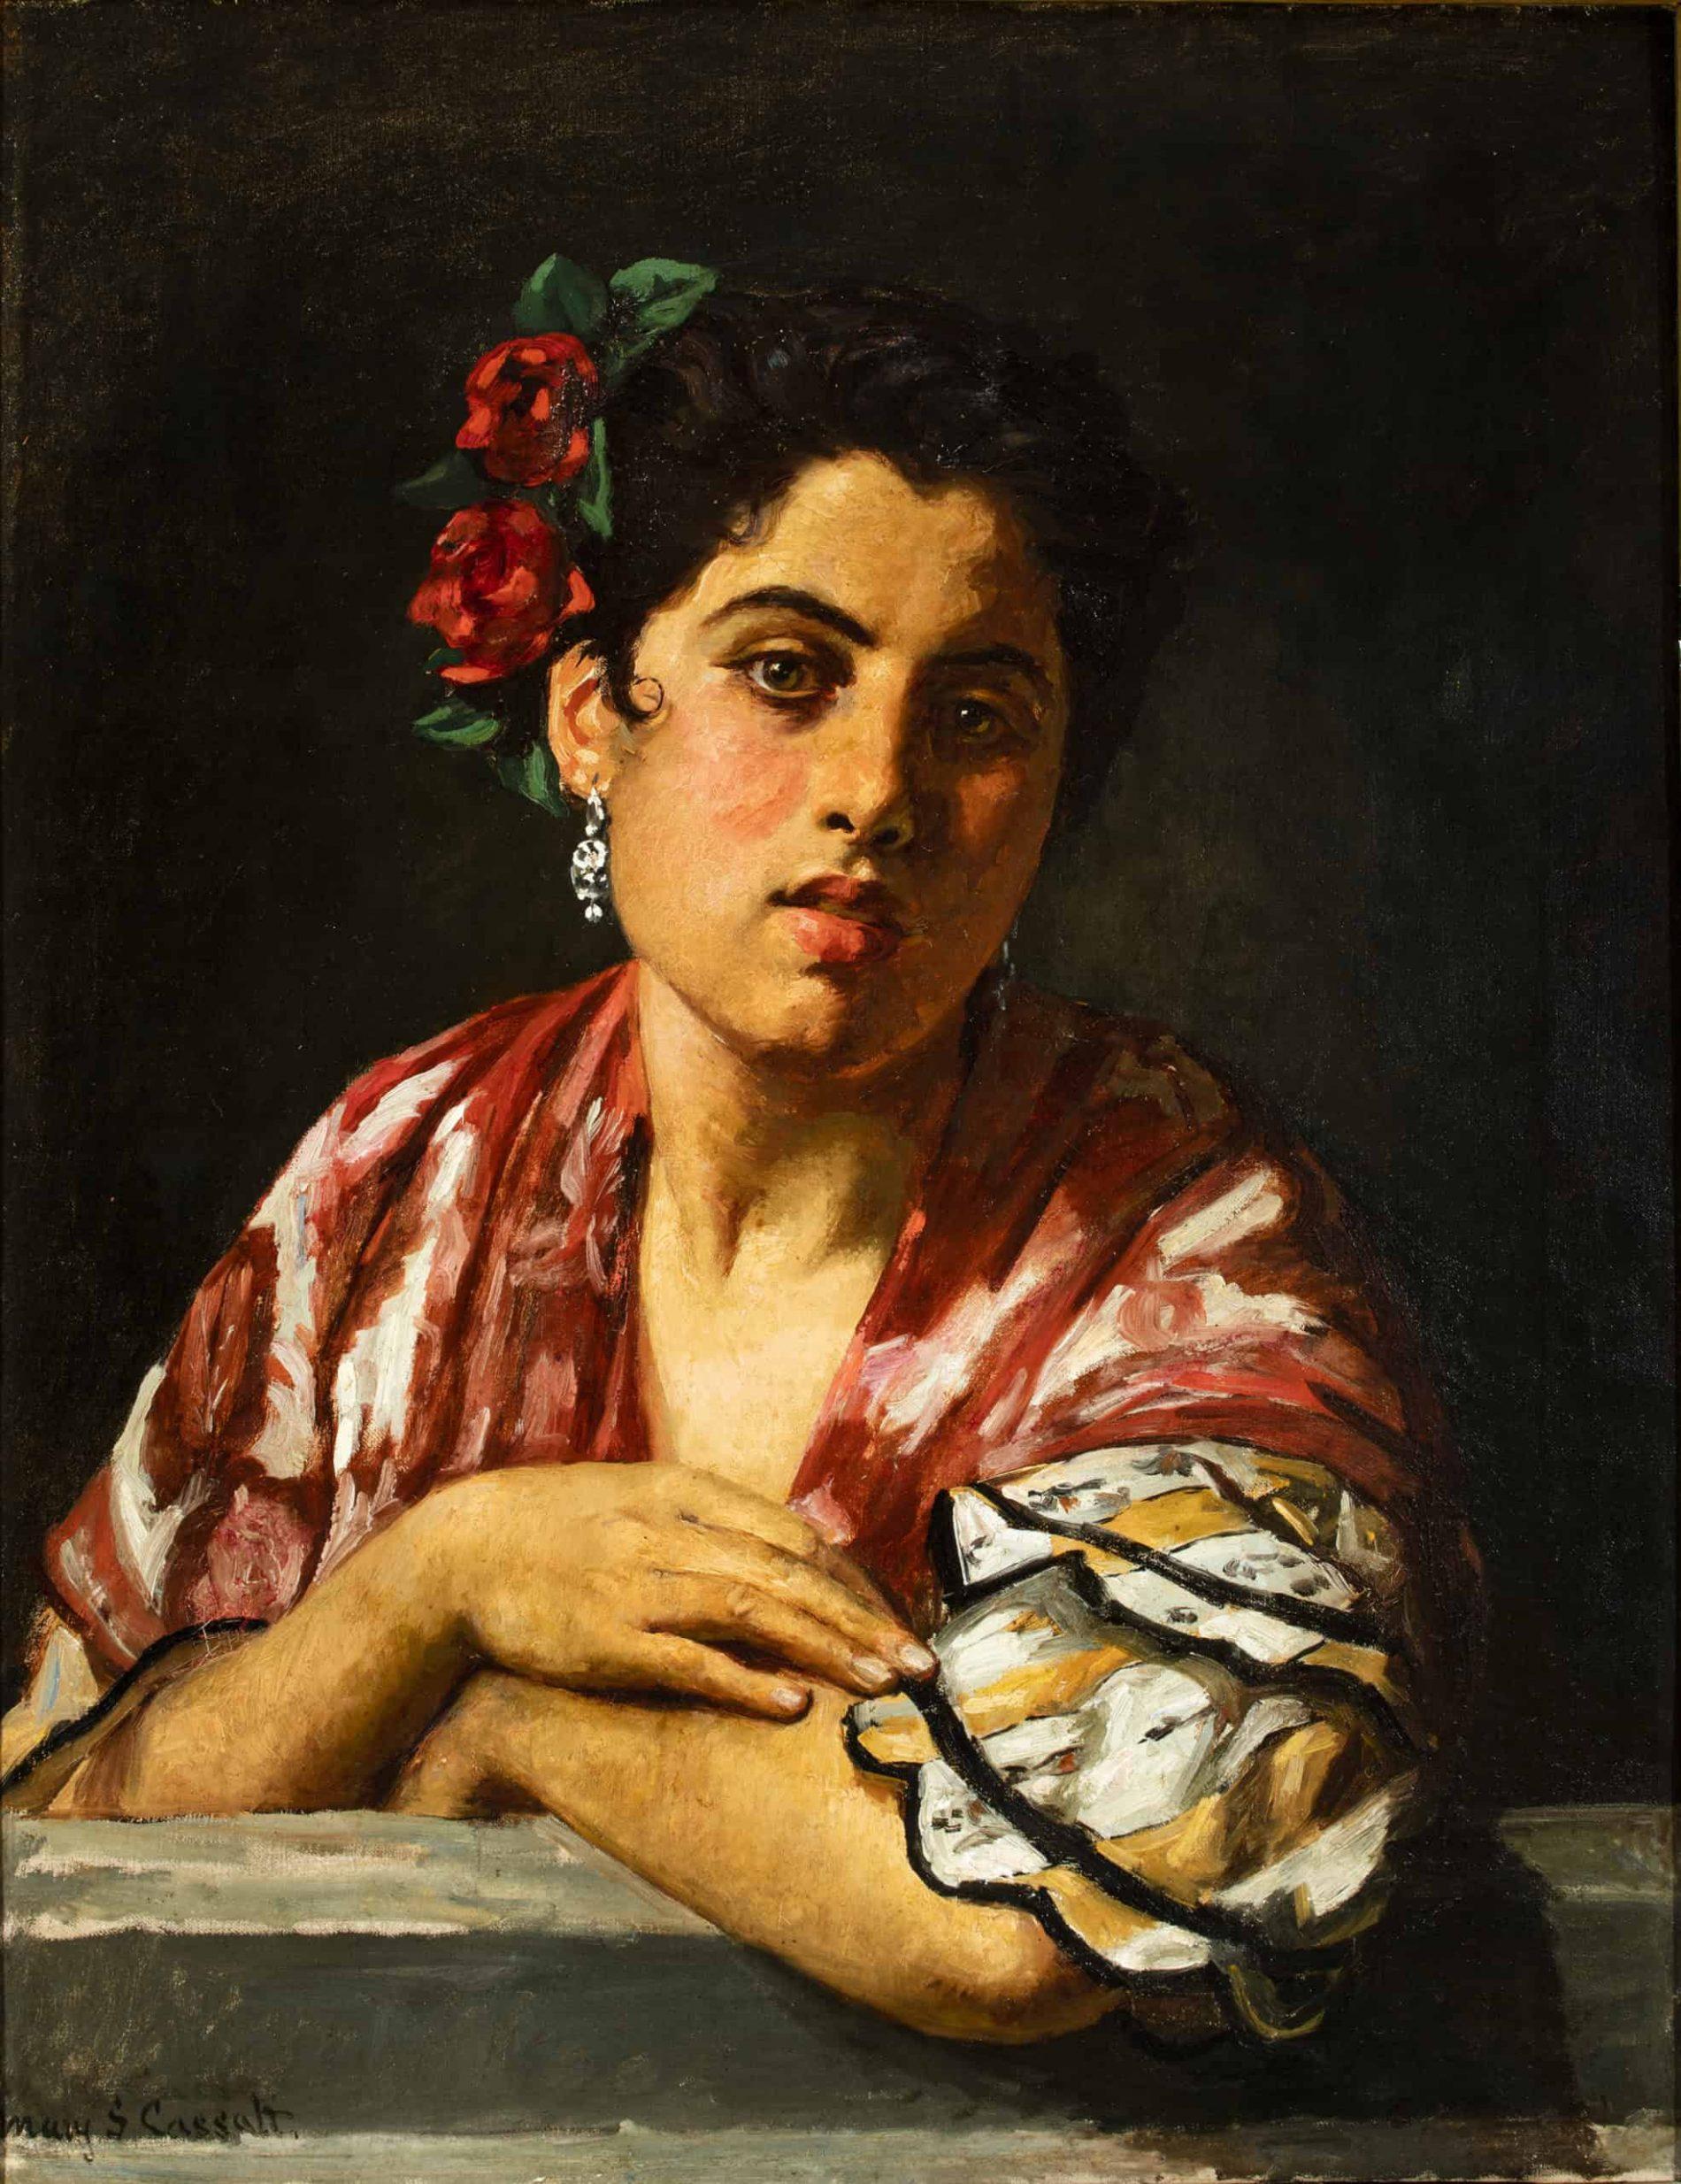 Mary Cassatt (American, 1844-1926), Spanish Girl Leaning on a Window Sill, ca. 1872. Oil on canvas. Manuel Piñanes García-Olías, Madrid.